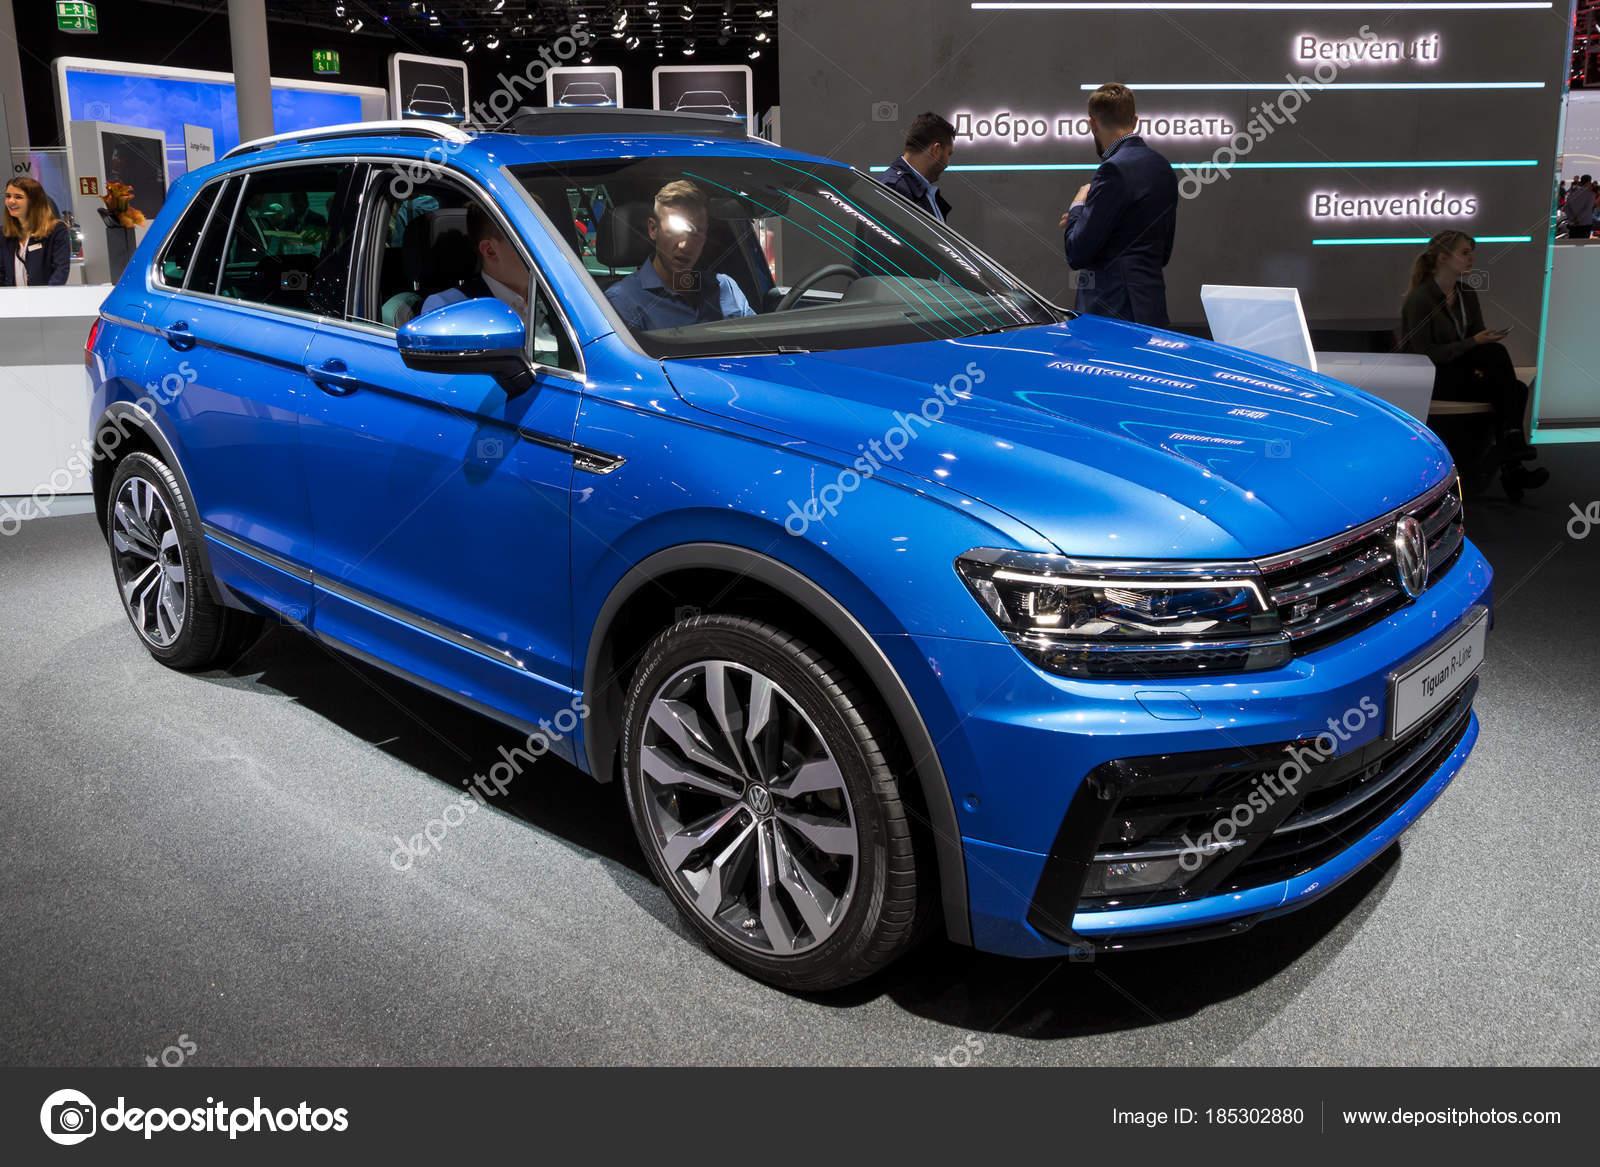 Volkswagen Tiguan R-Line car